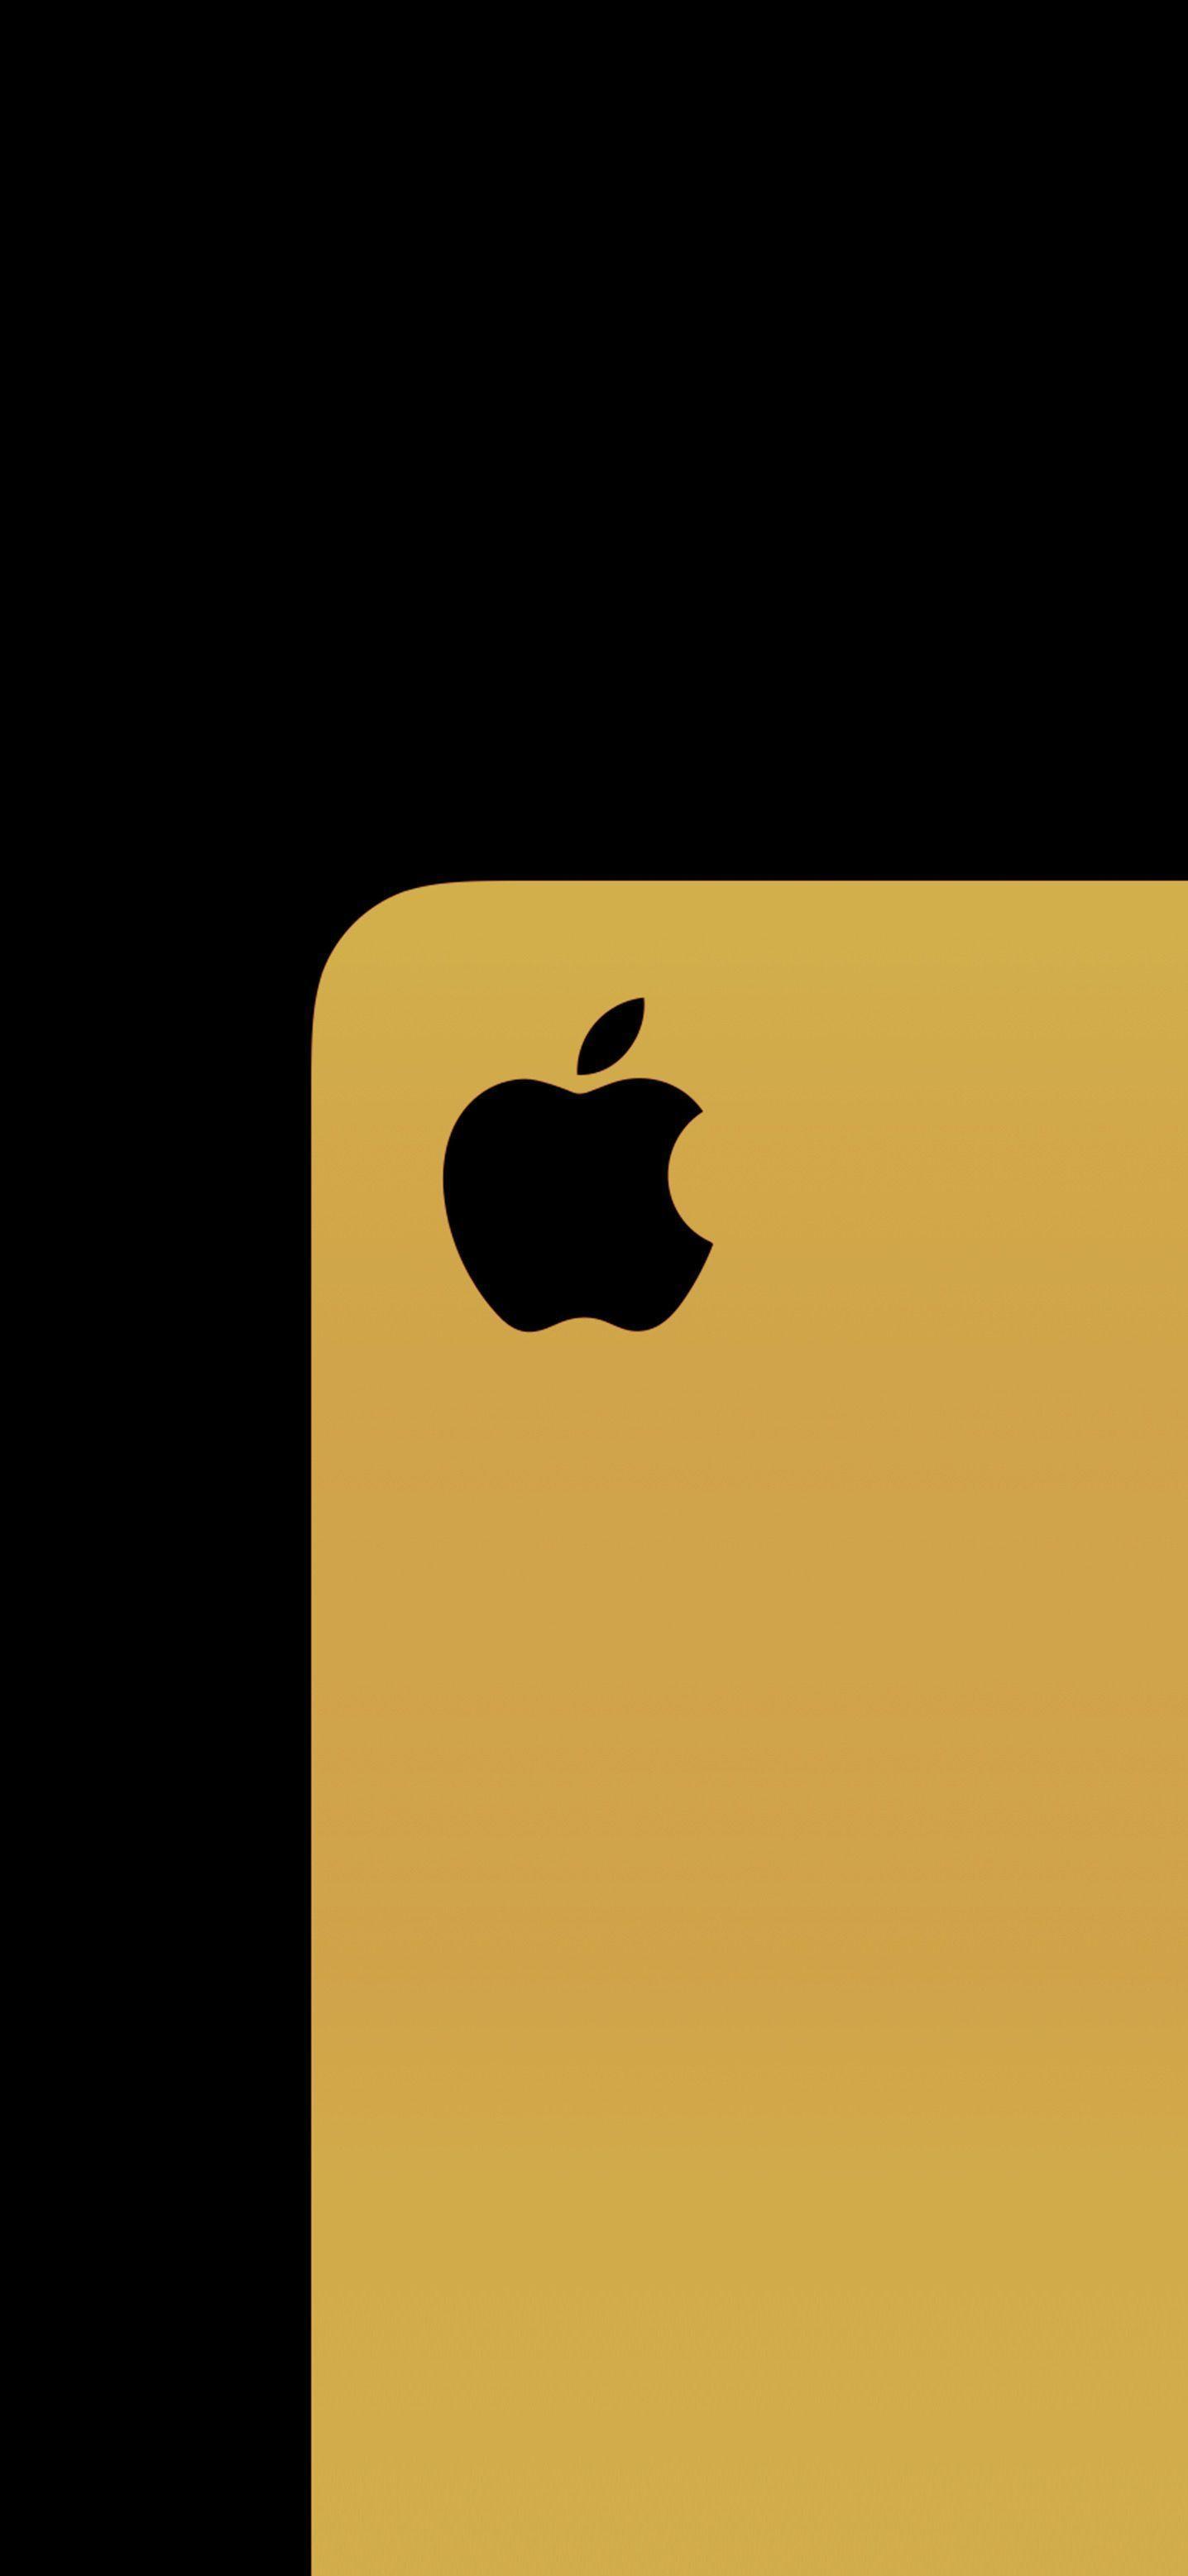 Pin By Anatolianfoods On Tapety Apple Logo Wallpaper Iphone Apple Logo Apple Iphone Wallpaper Hd